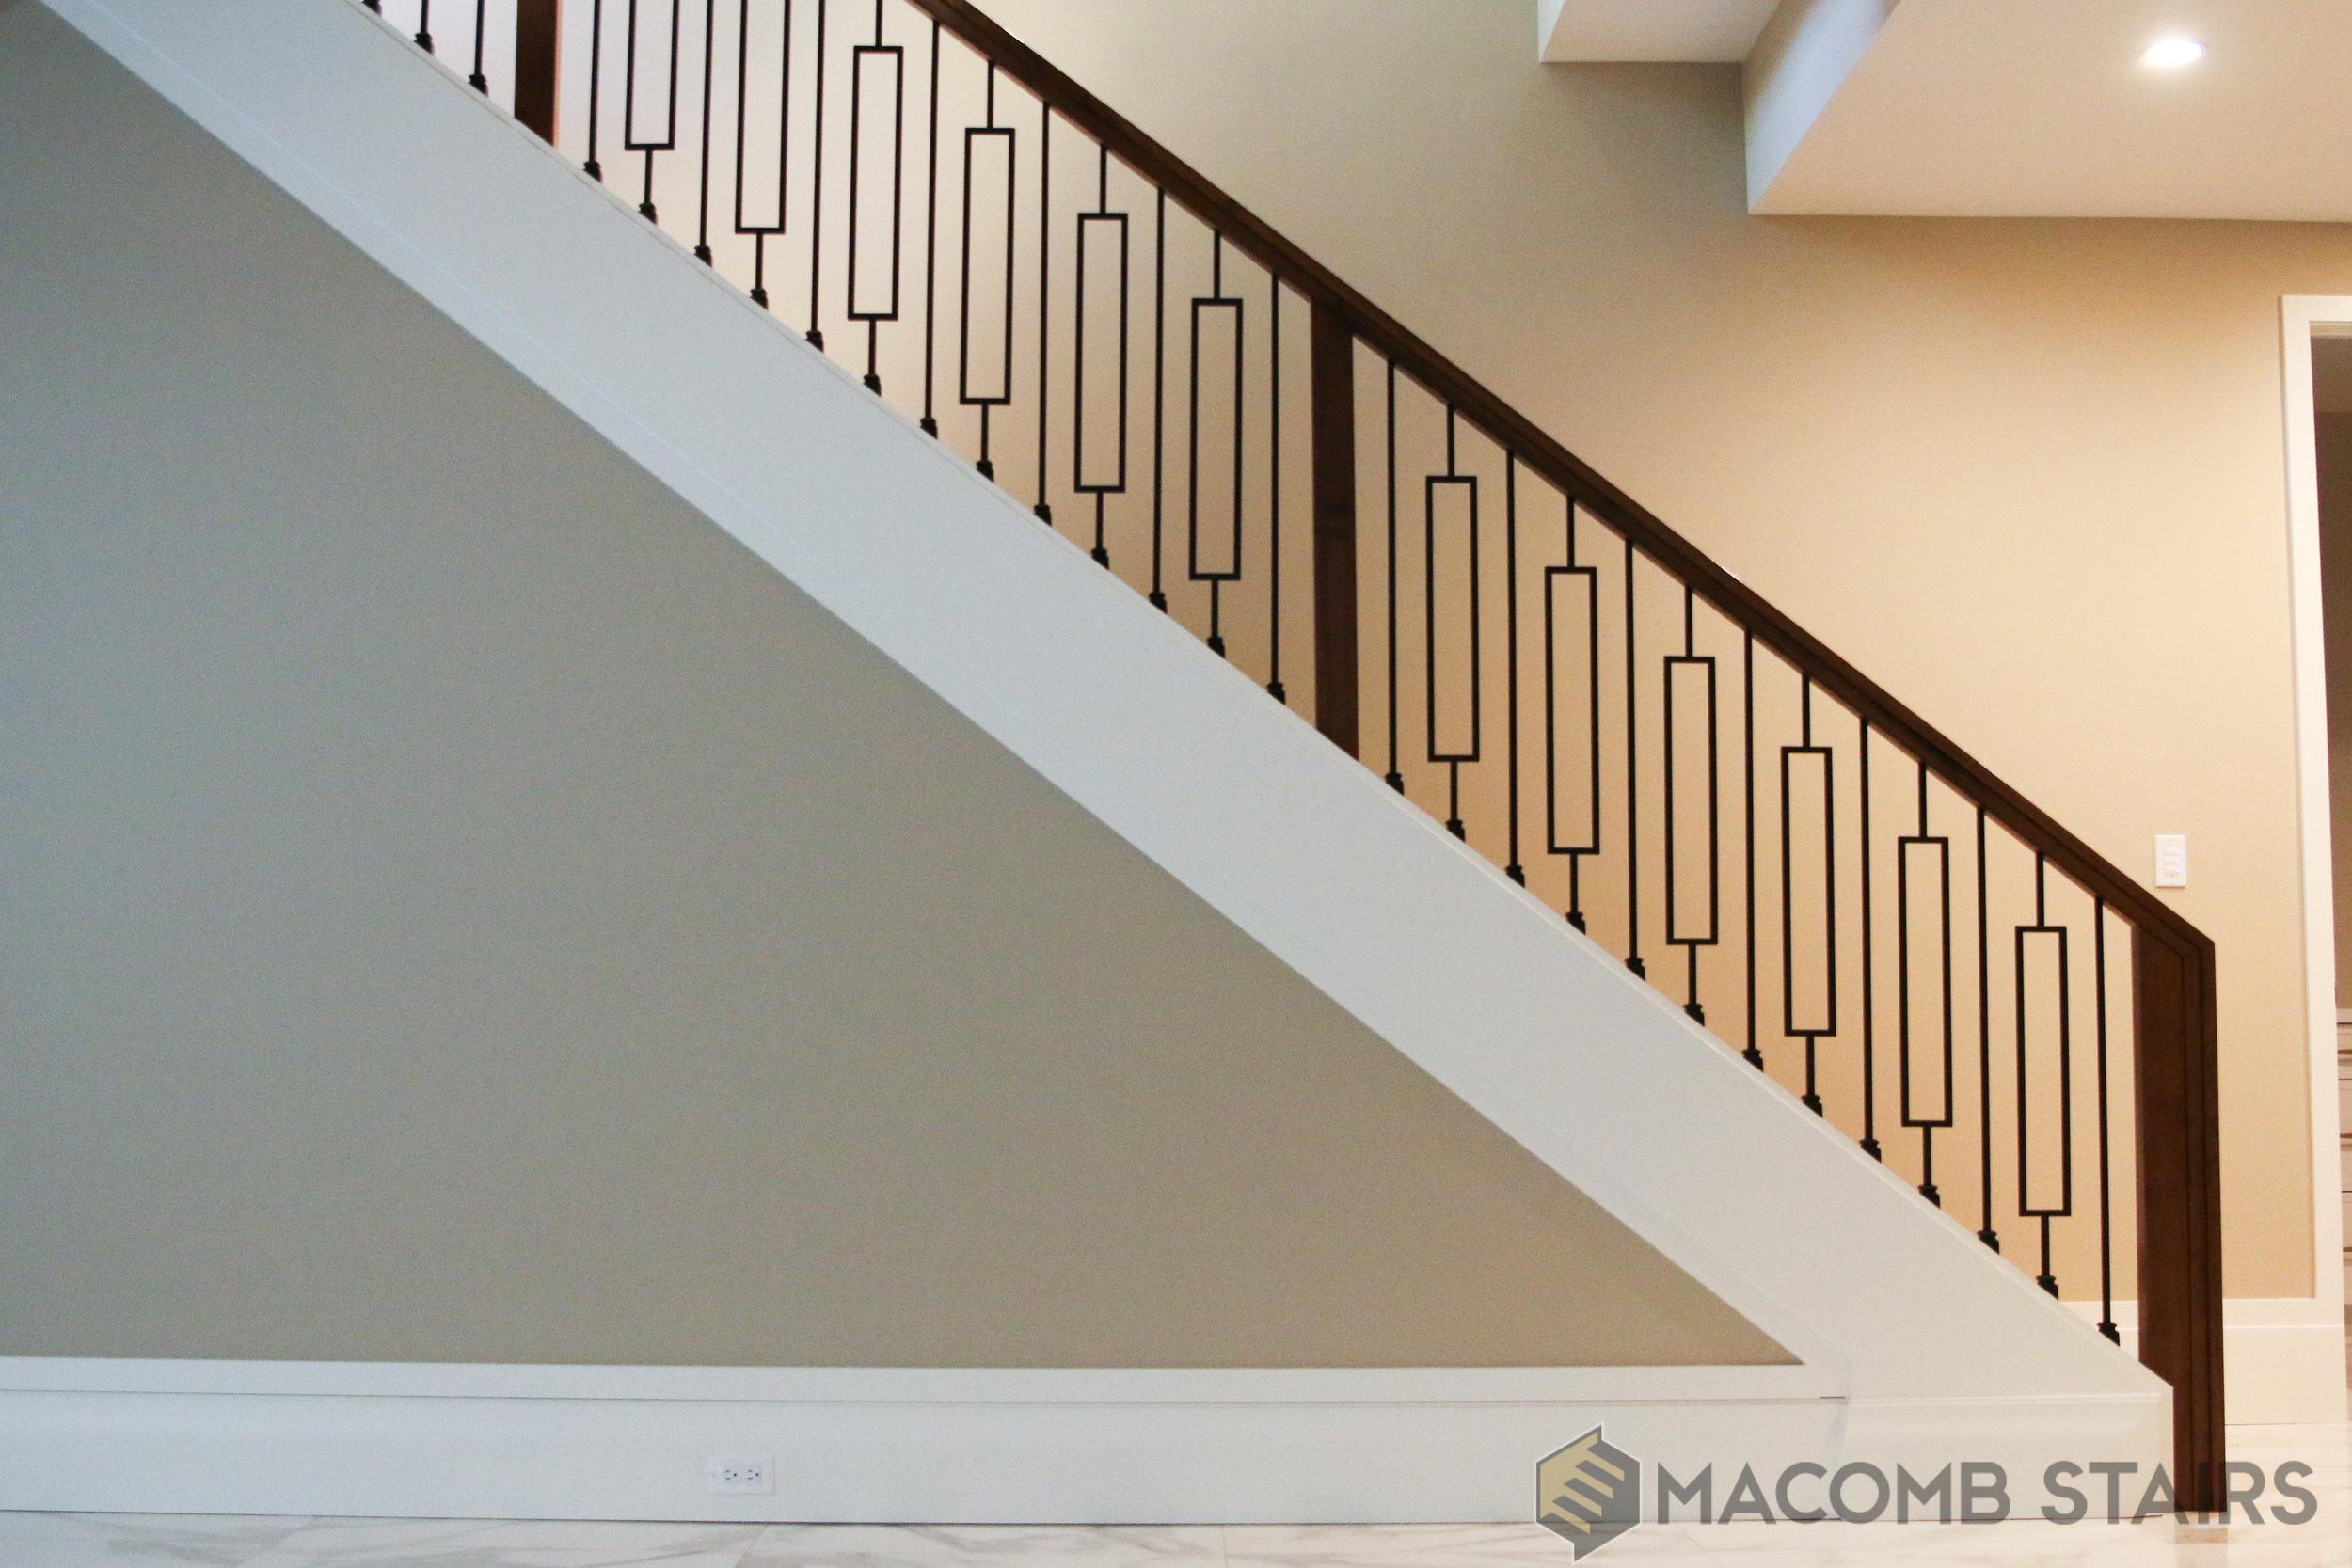 Macimb Stairs- Stair Photo-5.jpg